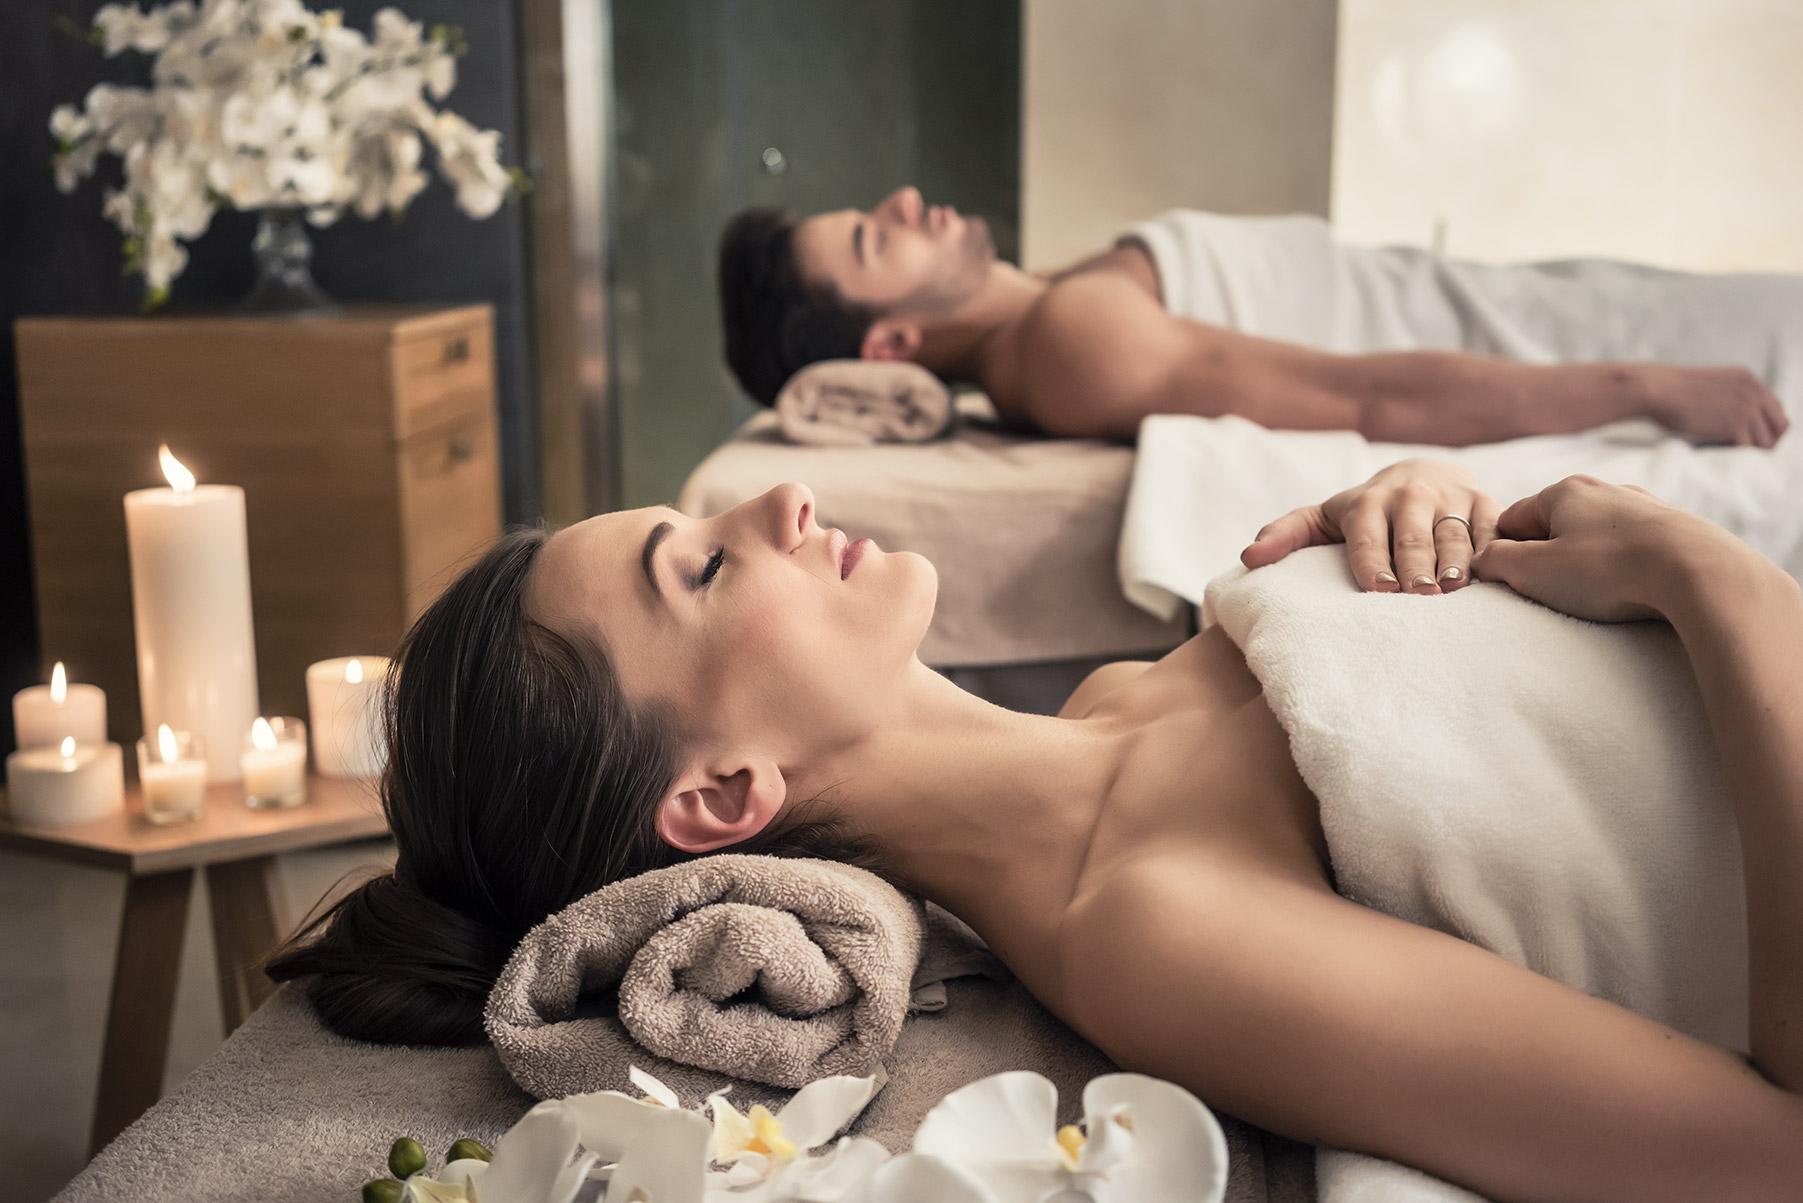 kuru-resort-relax-day-spa